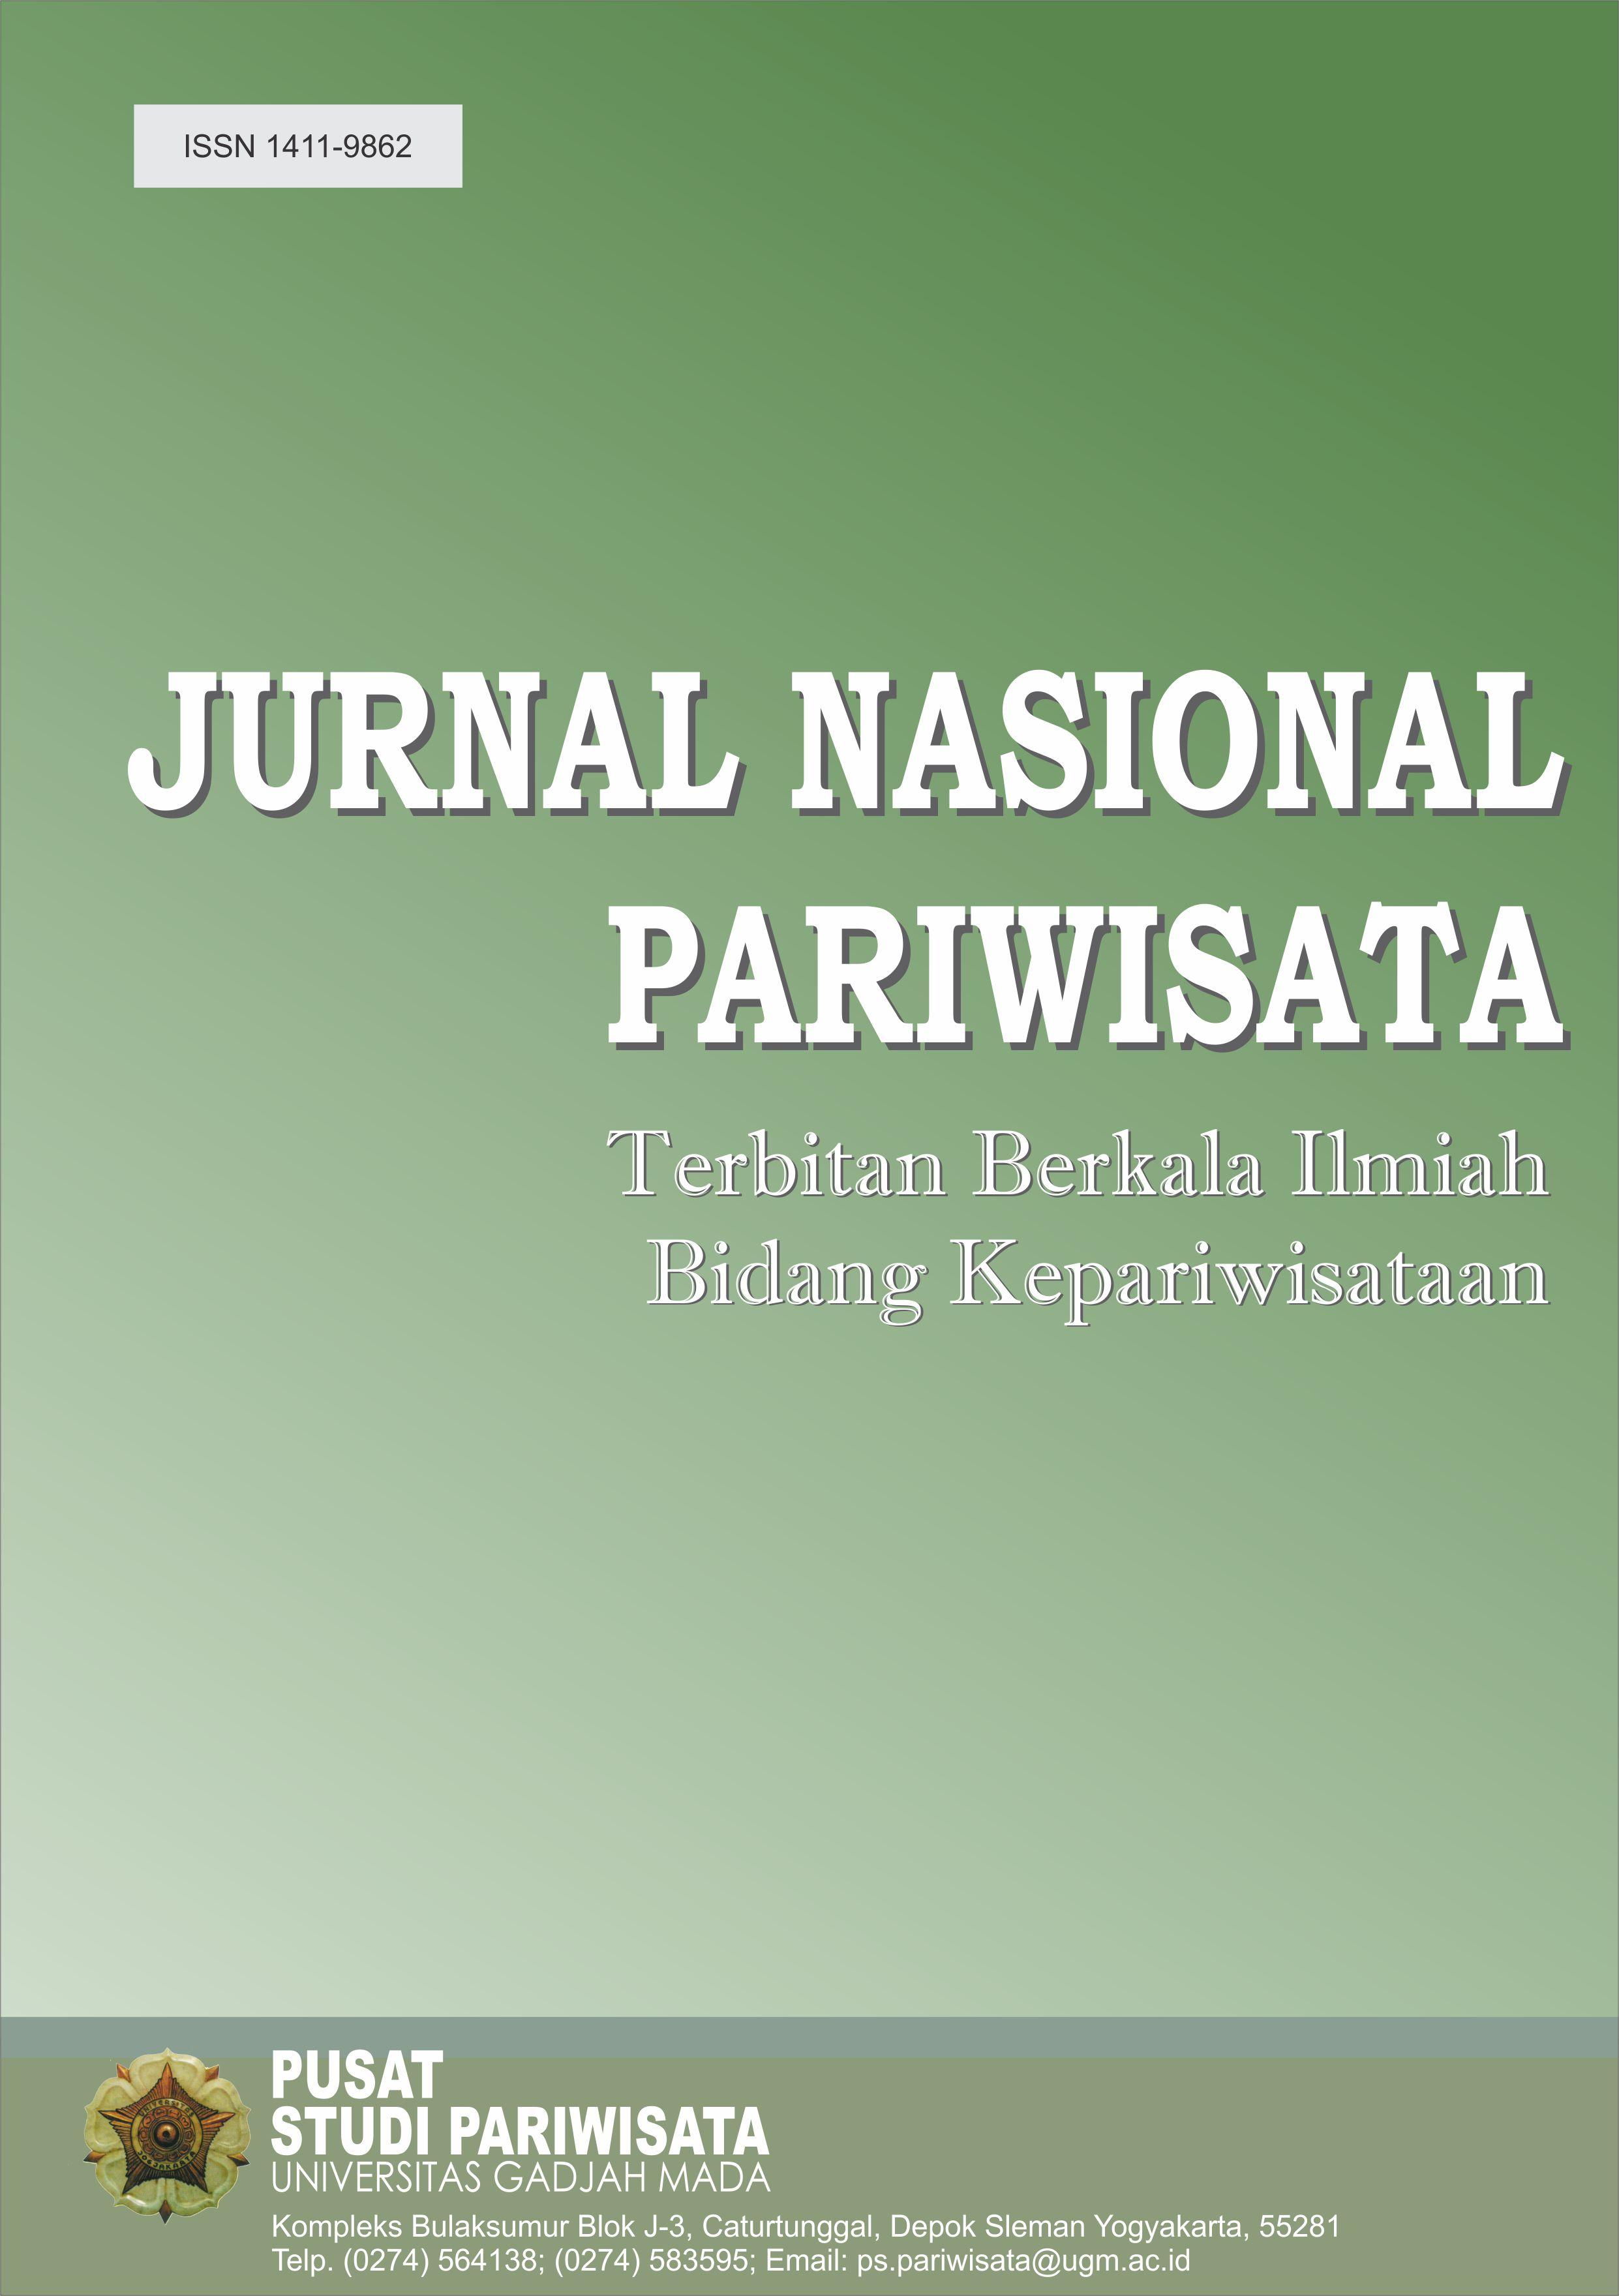 JNP Vol 5. No 1 April 2013